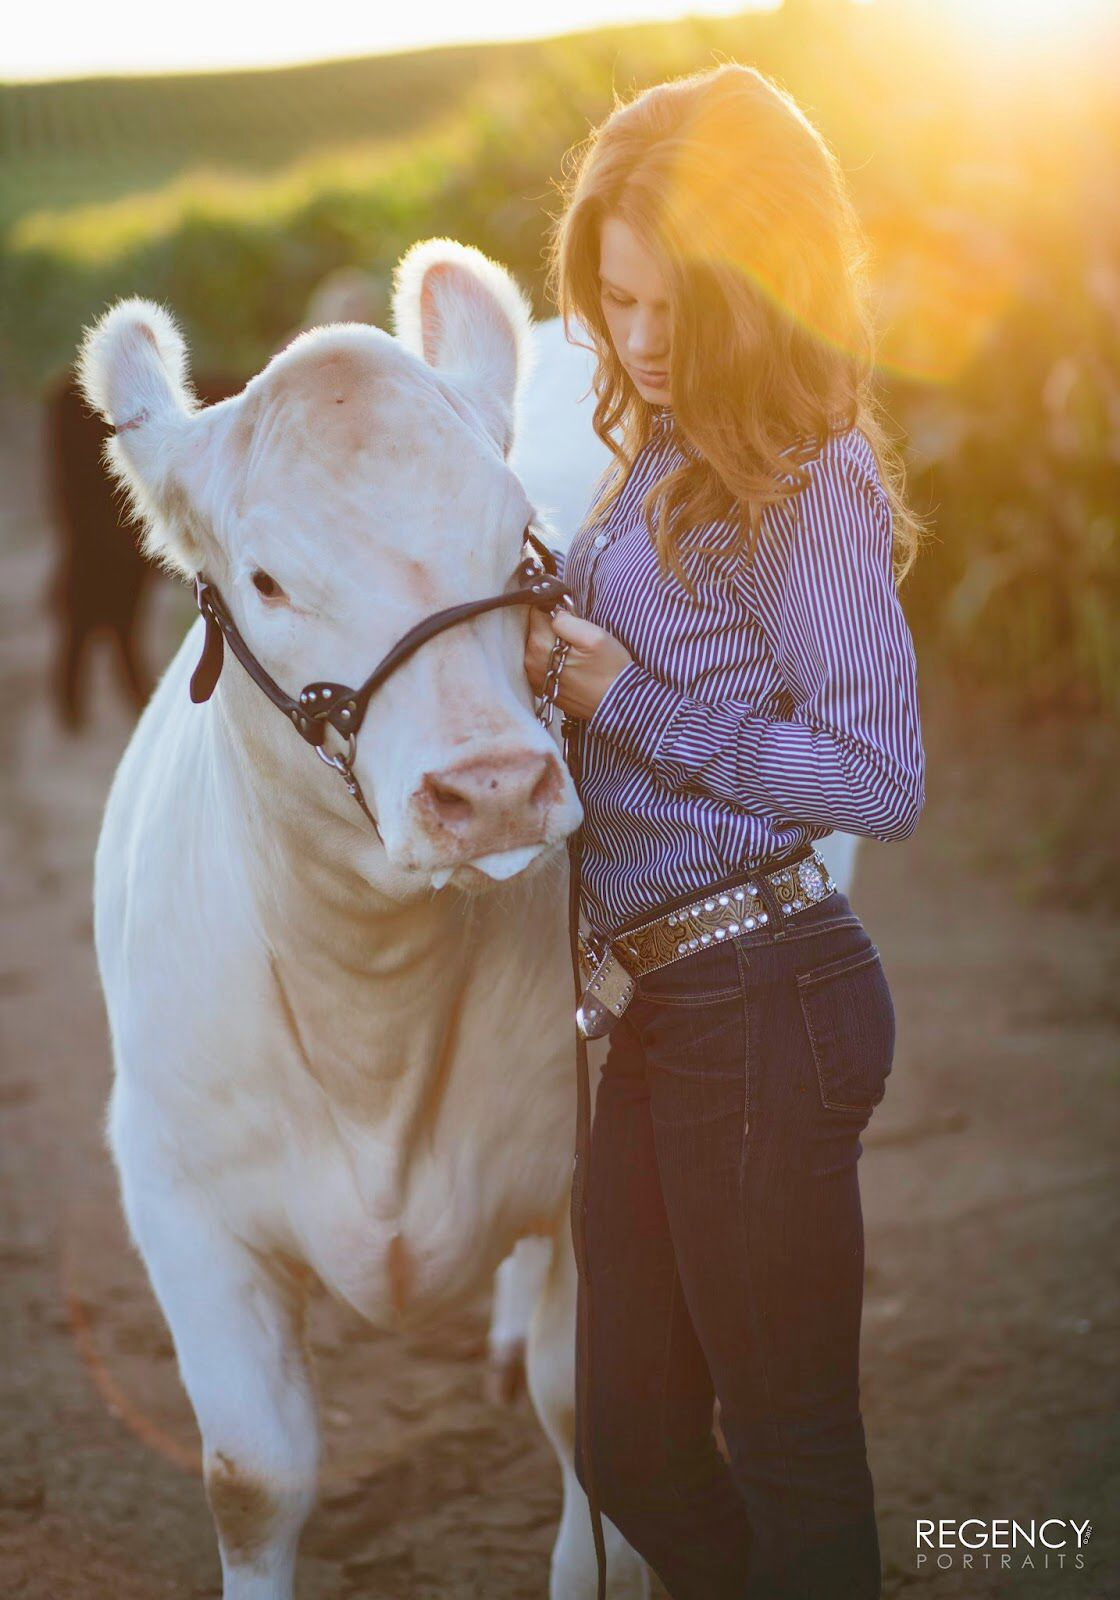 senior pictures with cow senior ffa senior pictures 4h